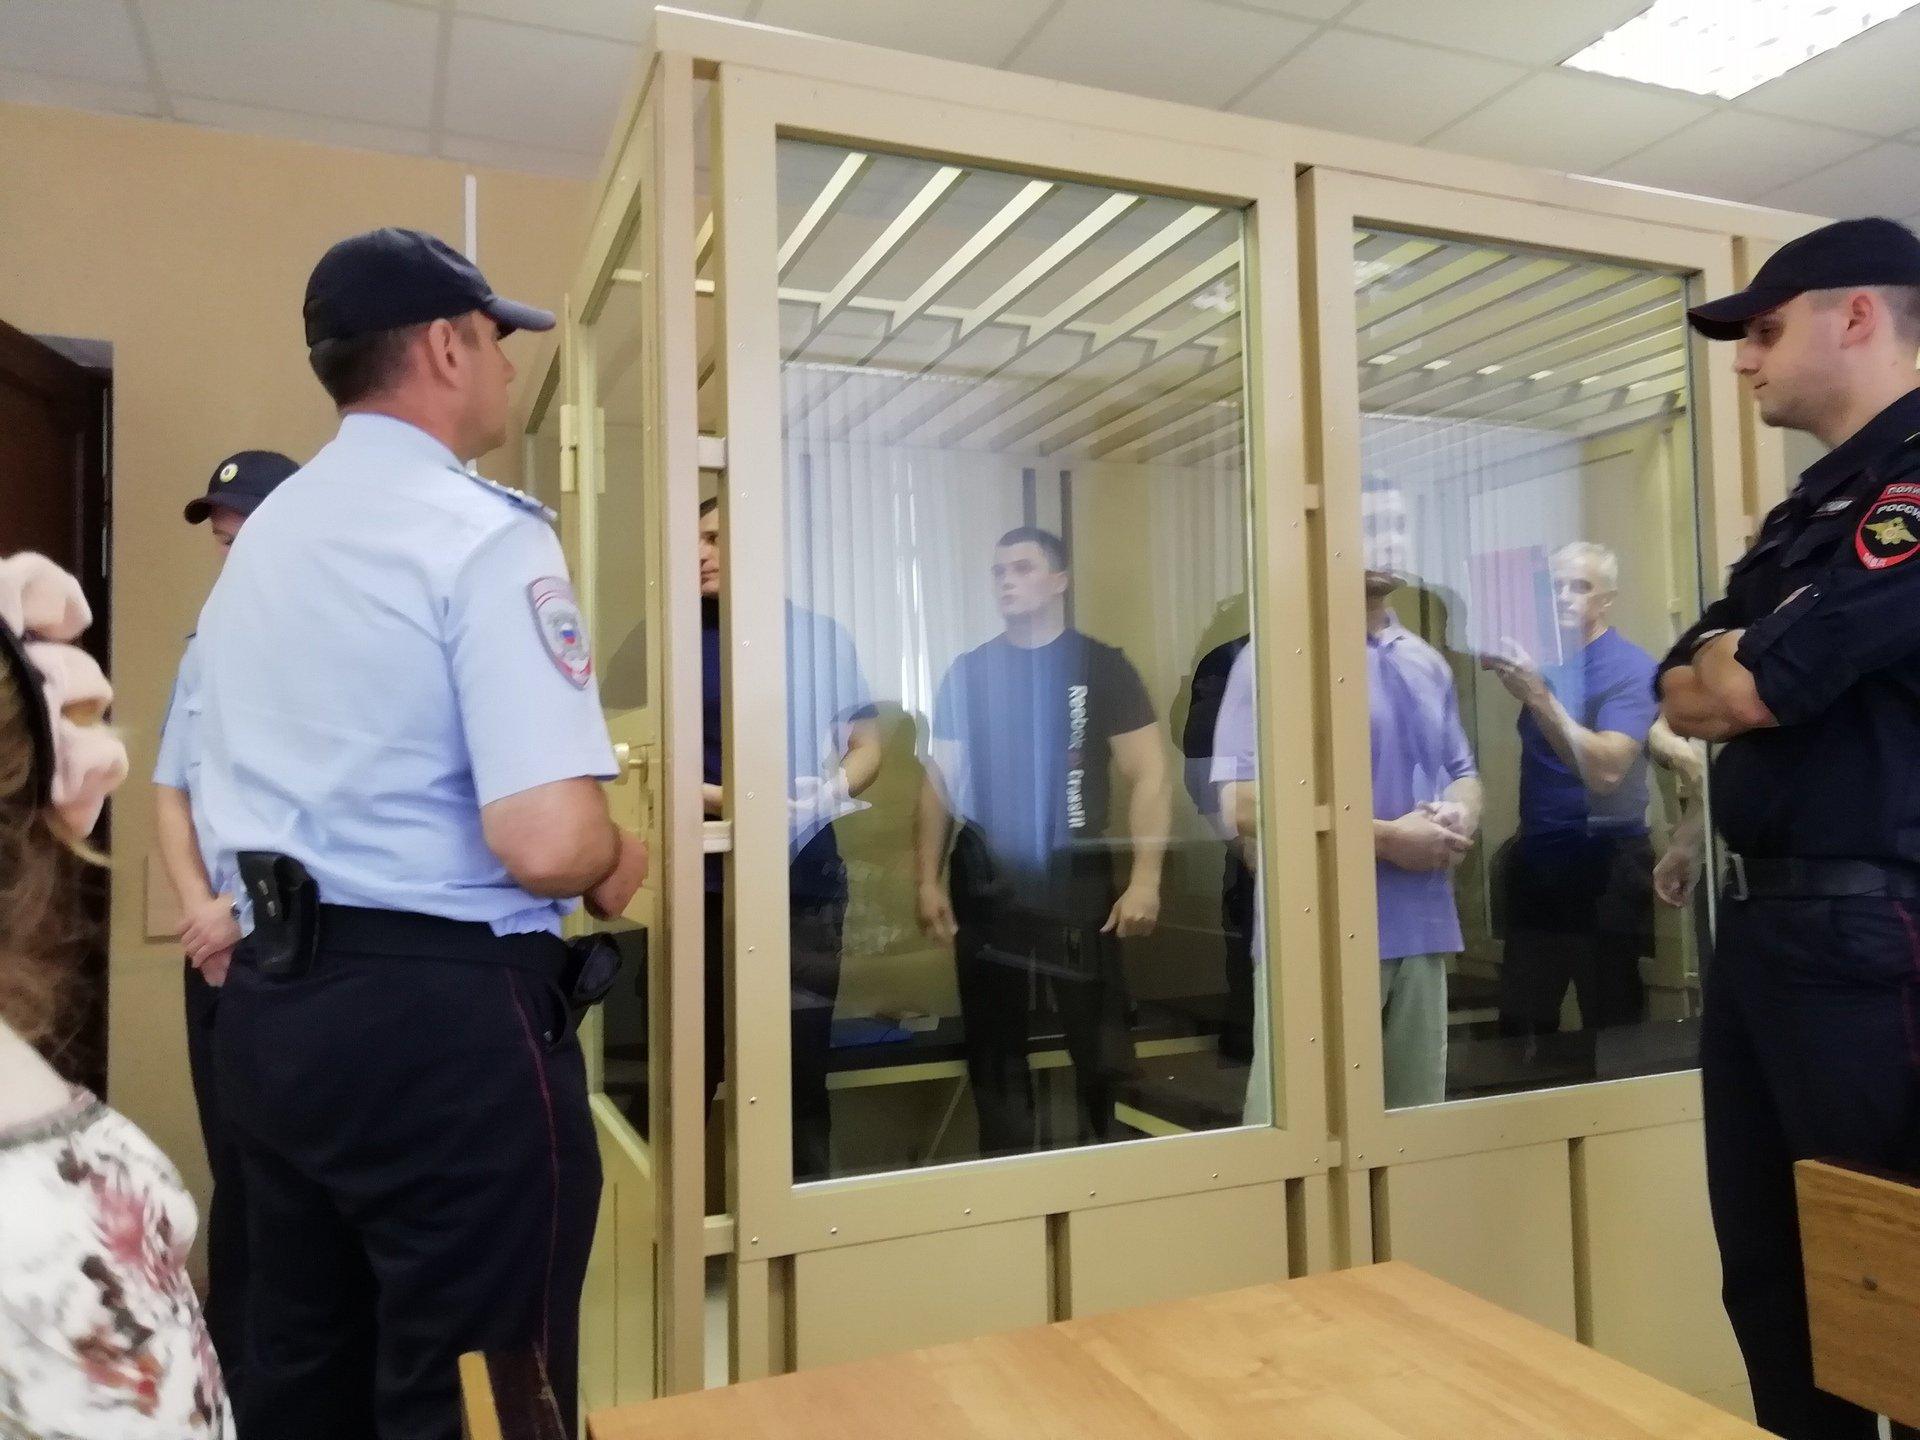 поздравляем фото курских криминалов наносится